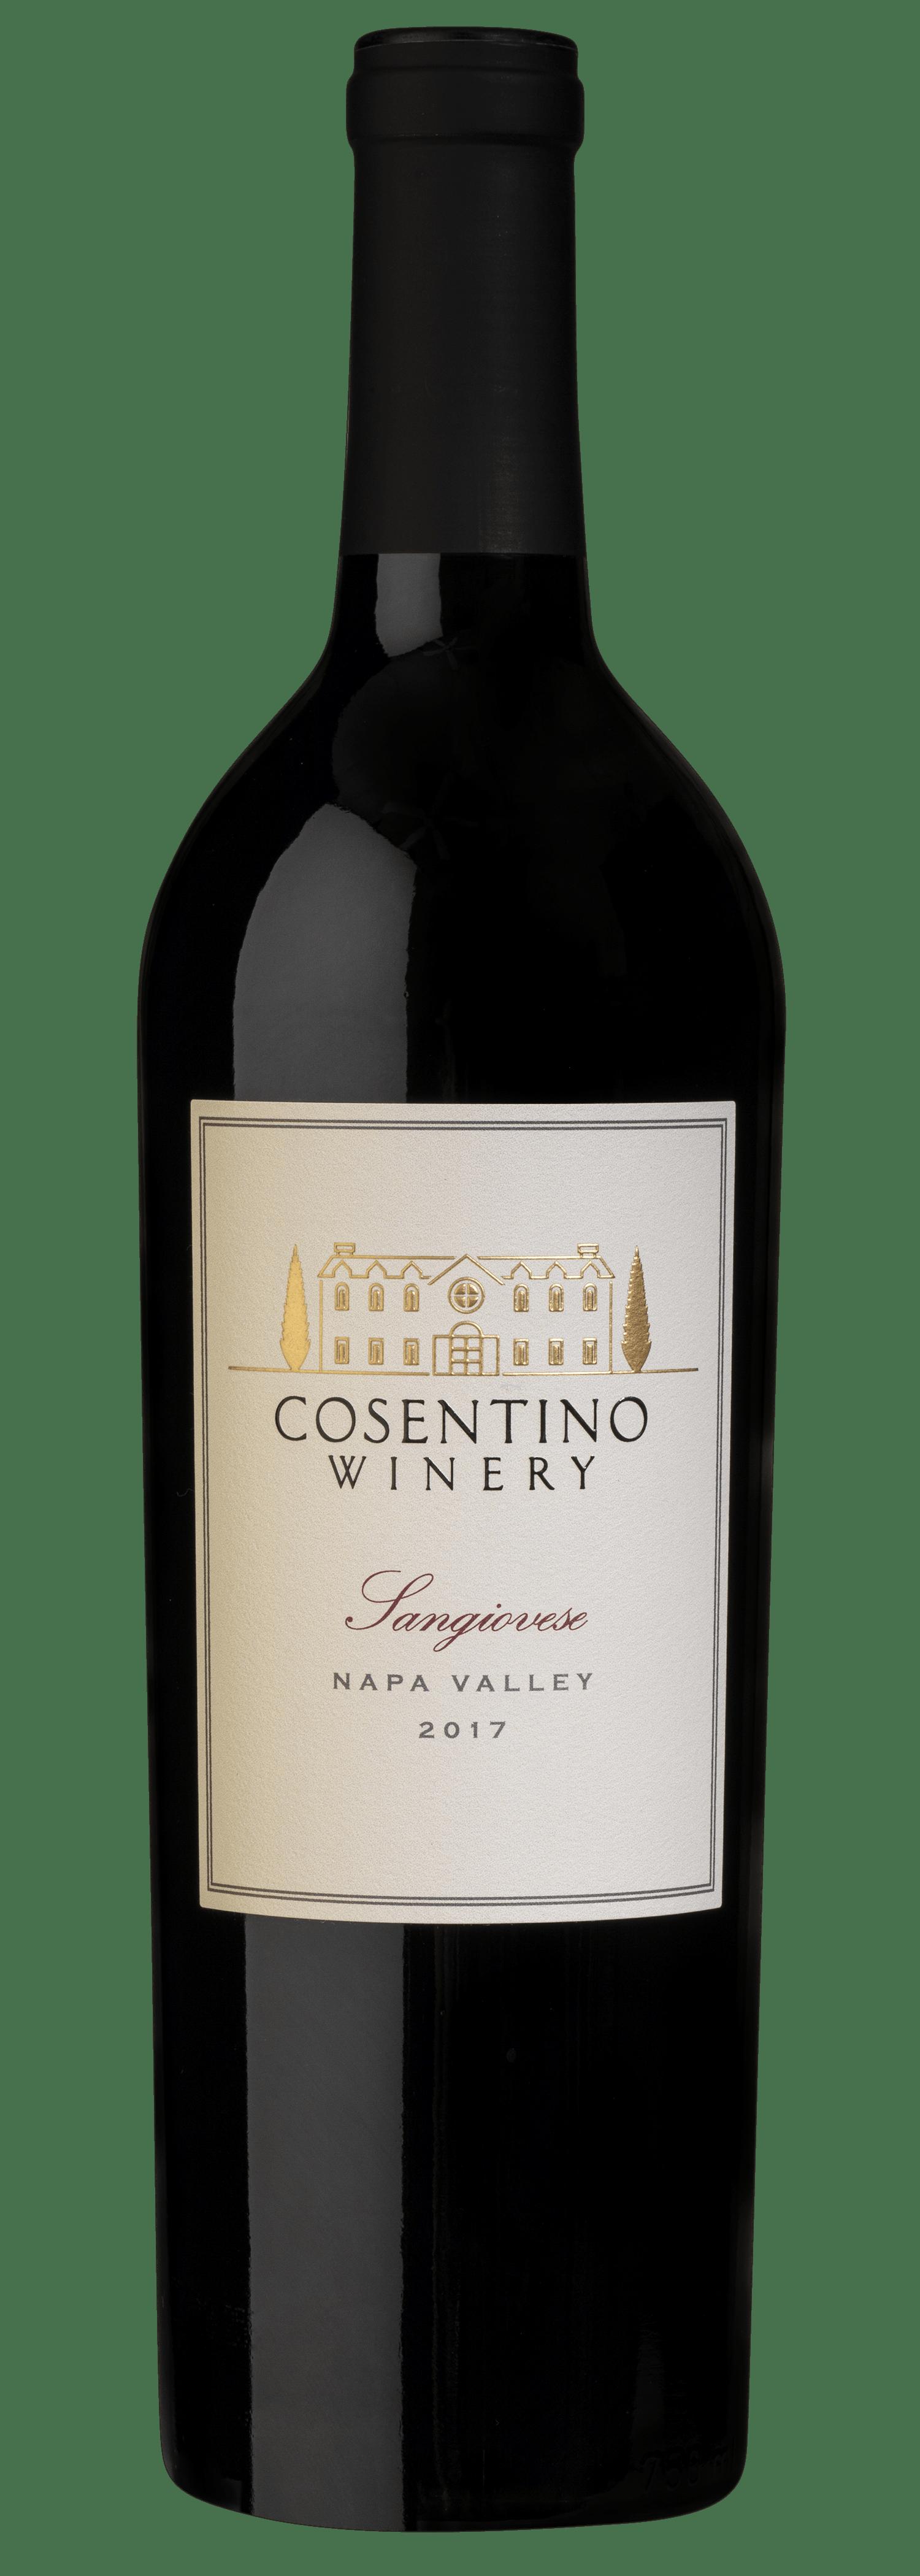 2017 Cosentino Winery Sangiovese, Napa Valley, 750ml